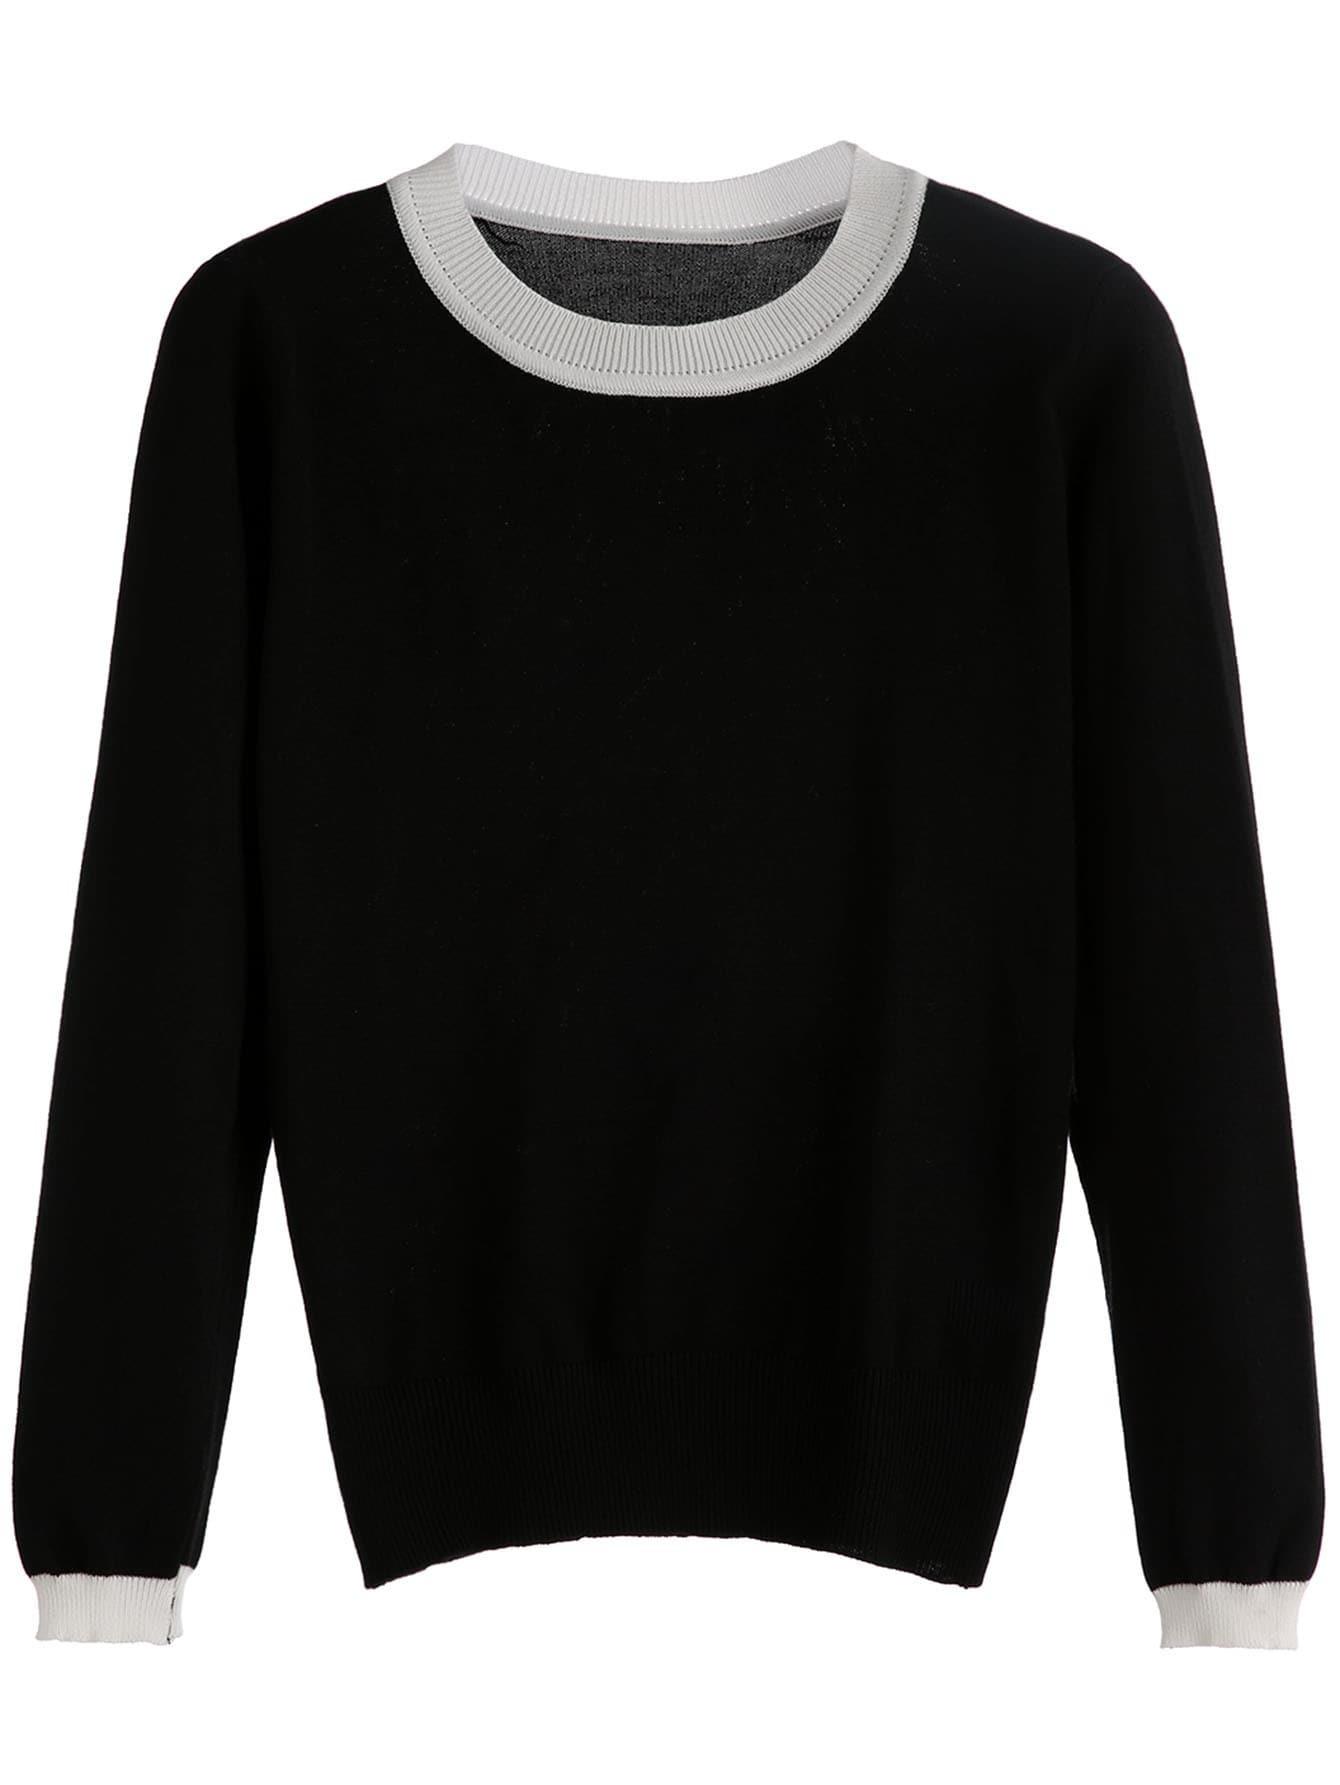 Black Contrast Trim Knitwear RKNI160907002